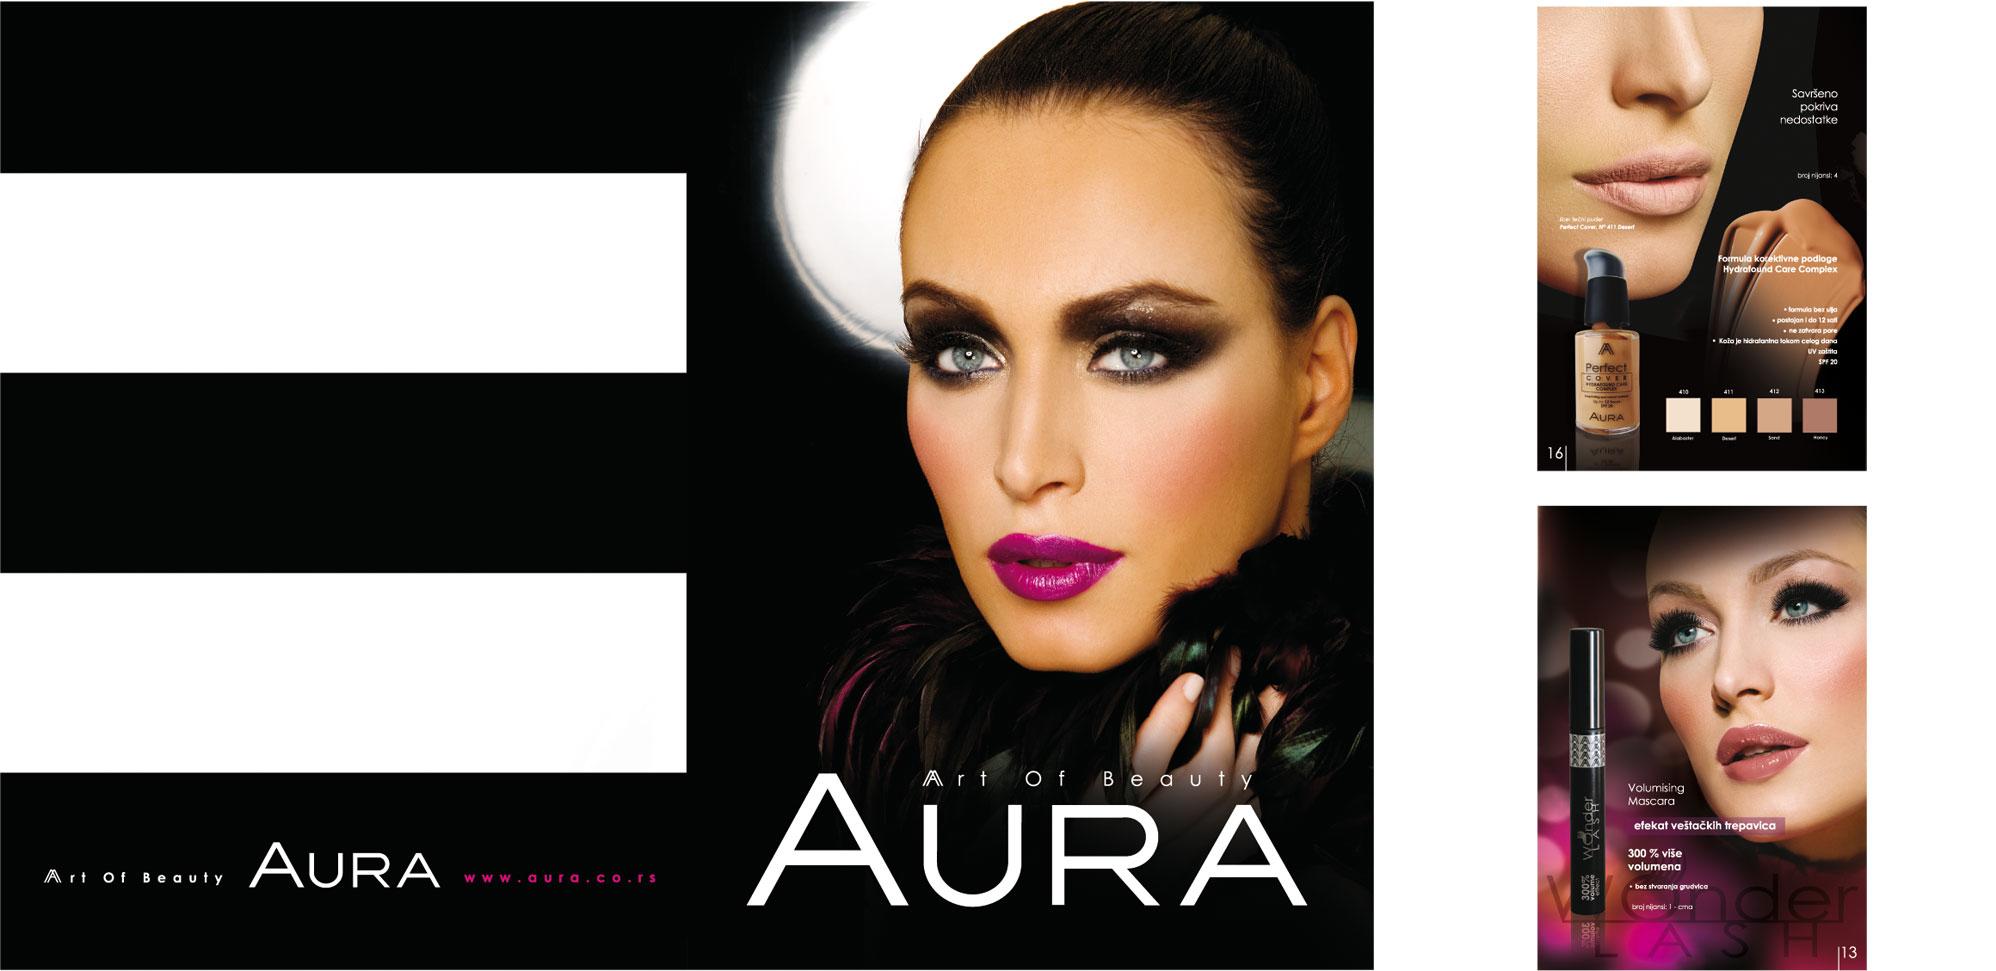 aura katalog 4